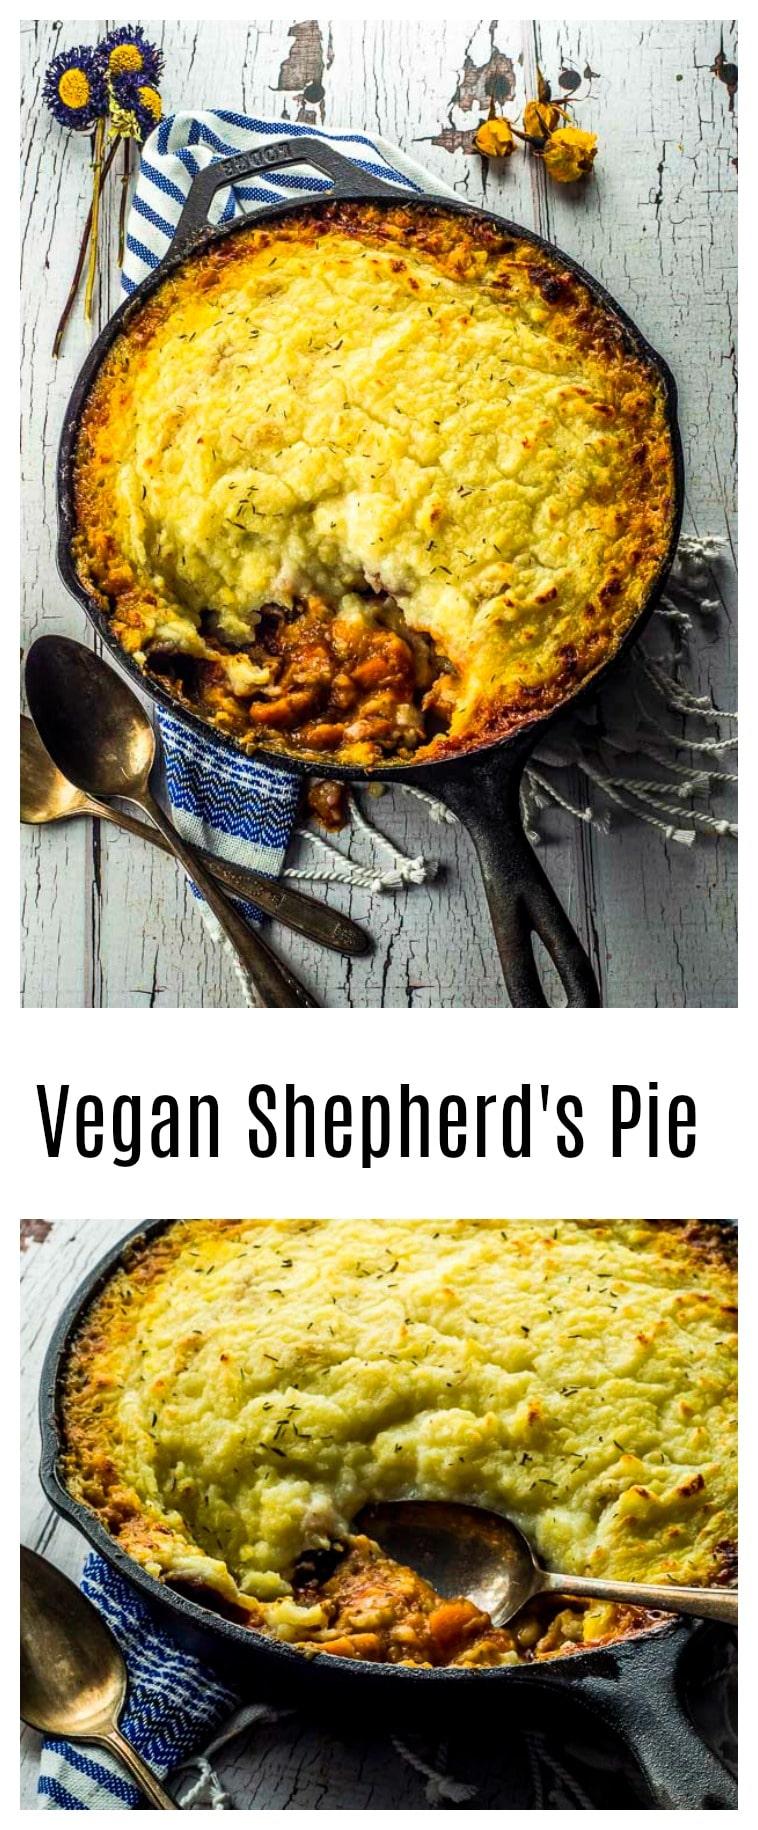 This Vegan Shepherd's Pie, is the ultimate vegan comfort food. Warm, delicious, comforting.